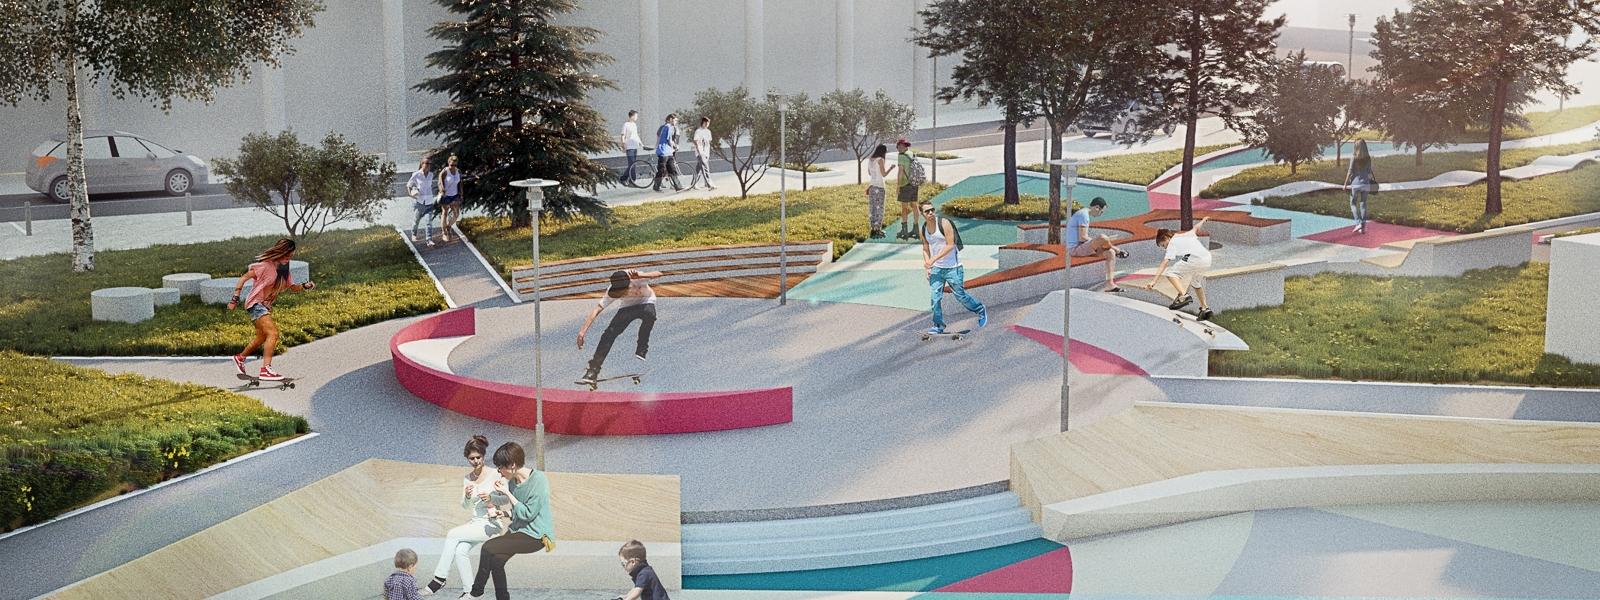 work-Карманный парк как новая типология парков и общественных пространств в городе Иркутске